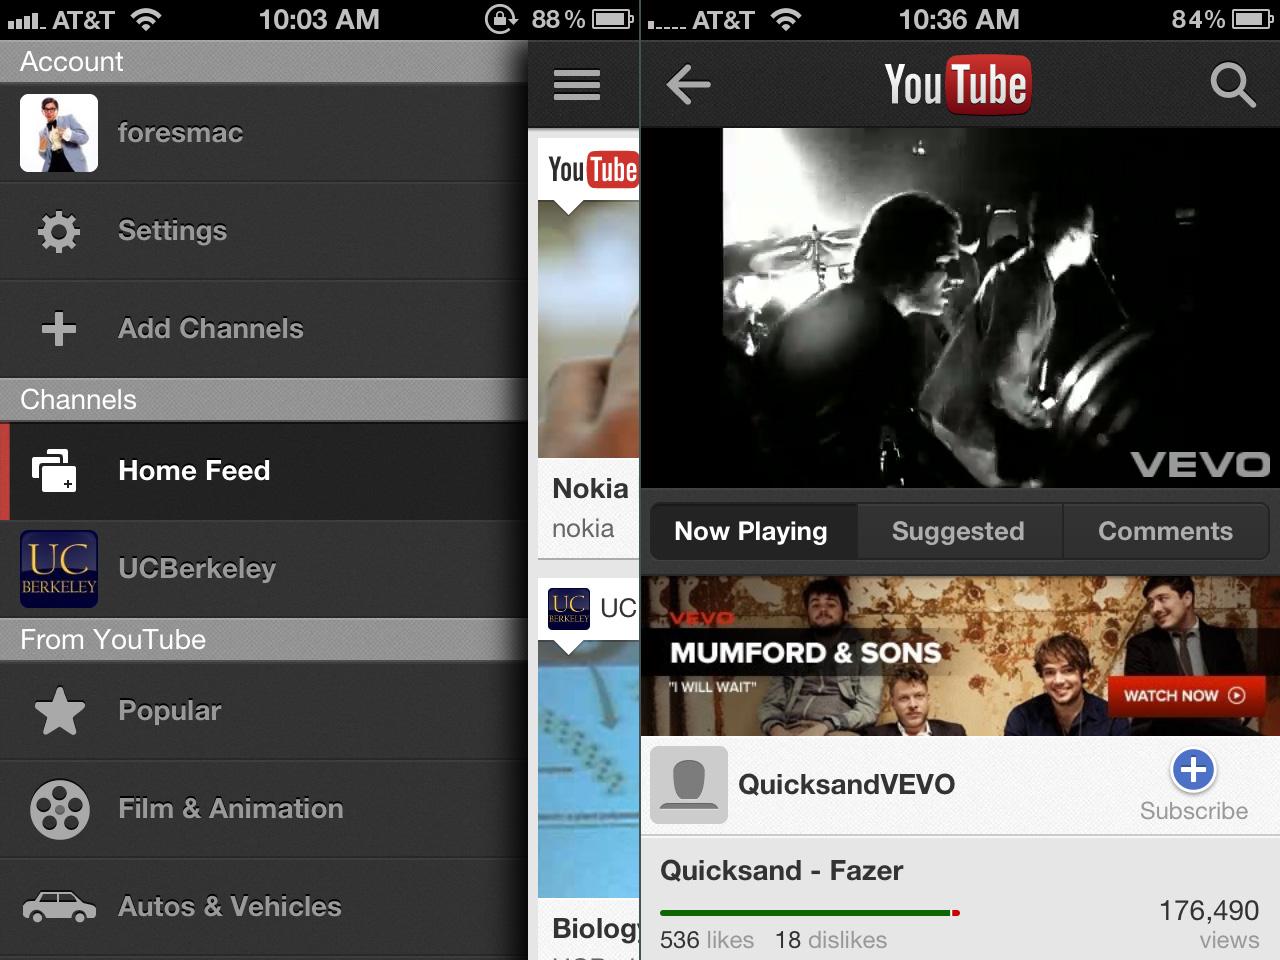 40% das visualizações do YouTube vem de plataformas mobile